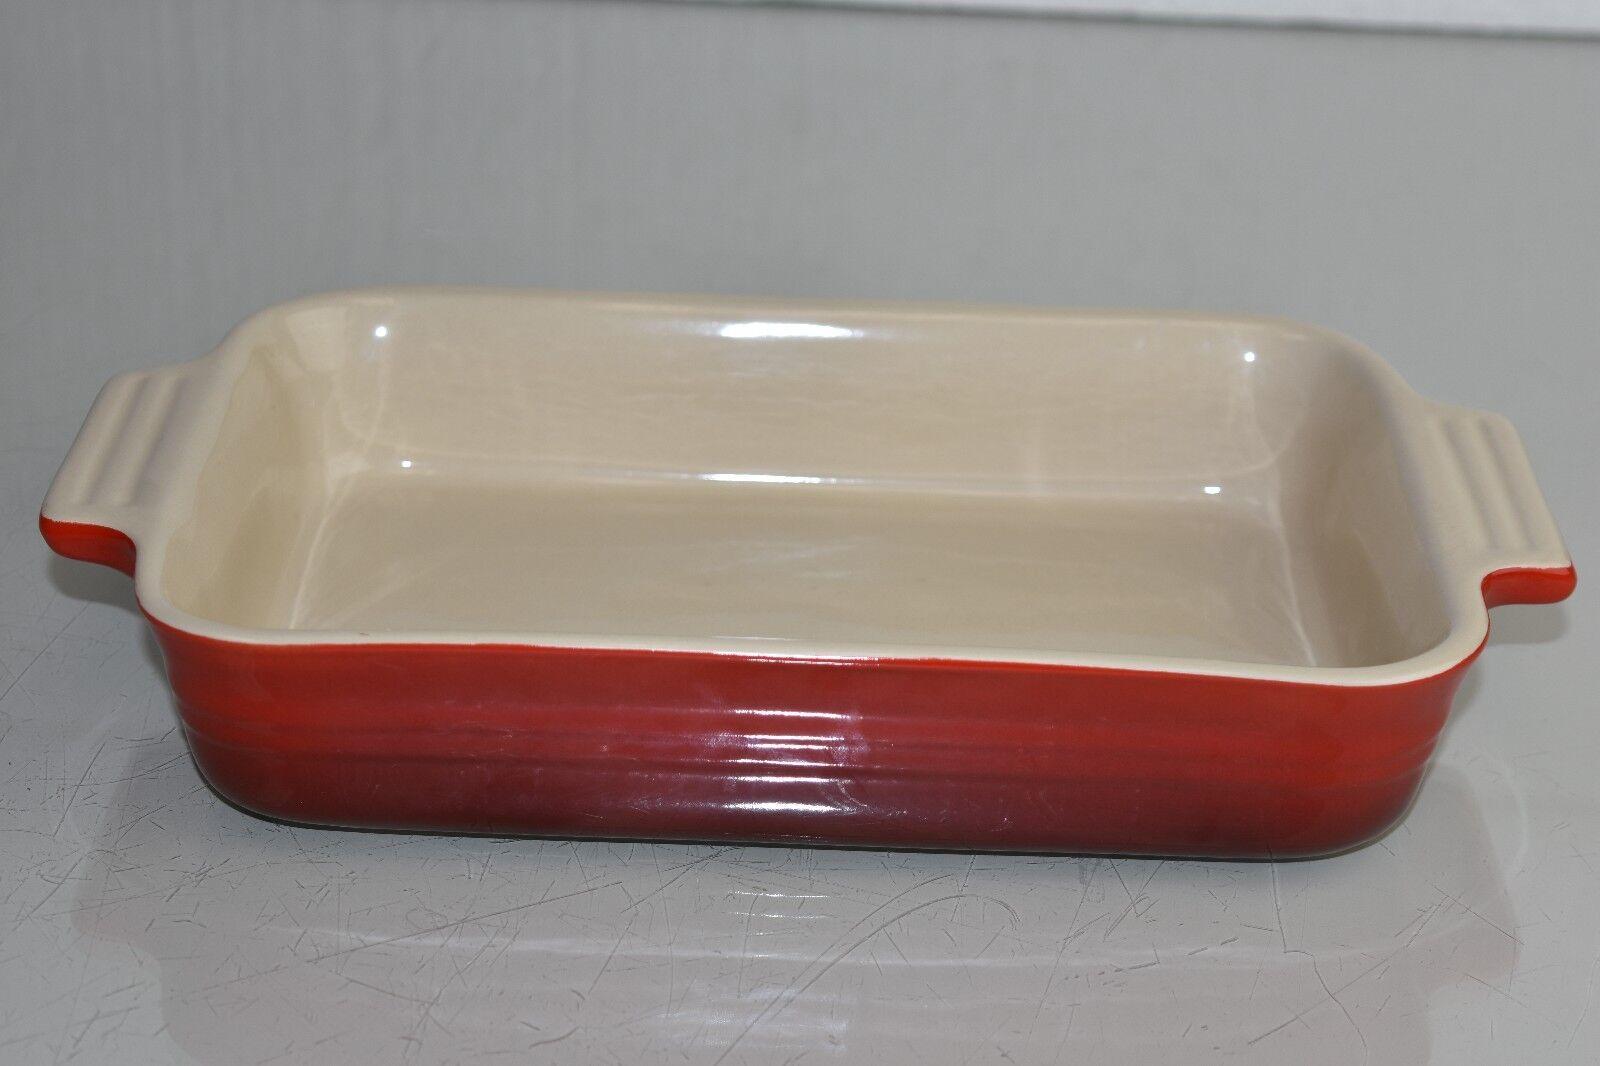 Neuf le Creuset Rectangulaire Grès Plat 26.7cm Grès Rectangulaire Rouge Cerise Casserole Cuiseur fbfd5b